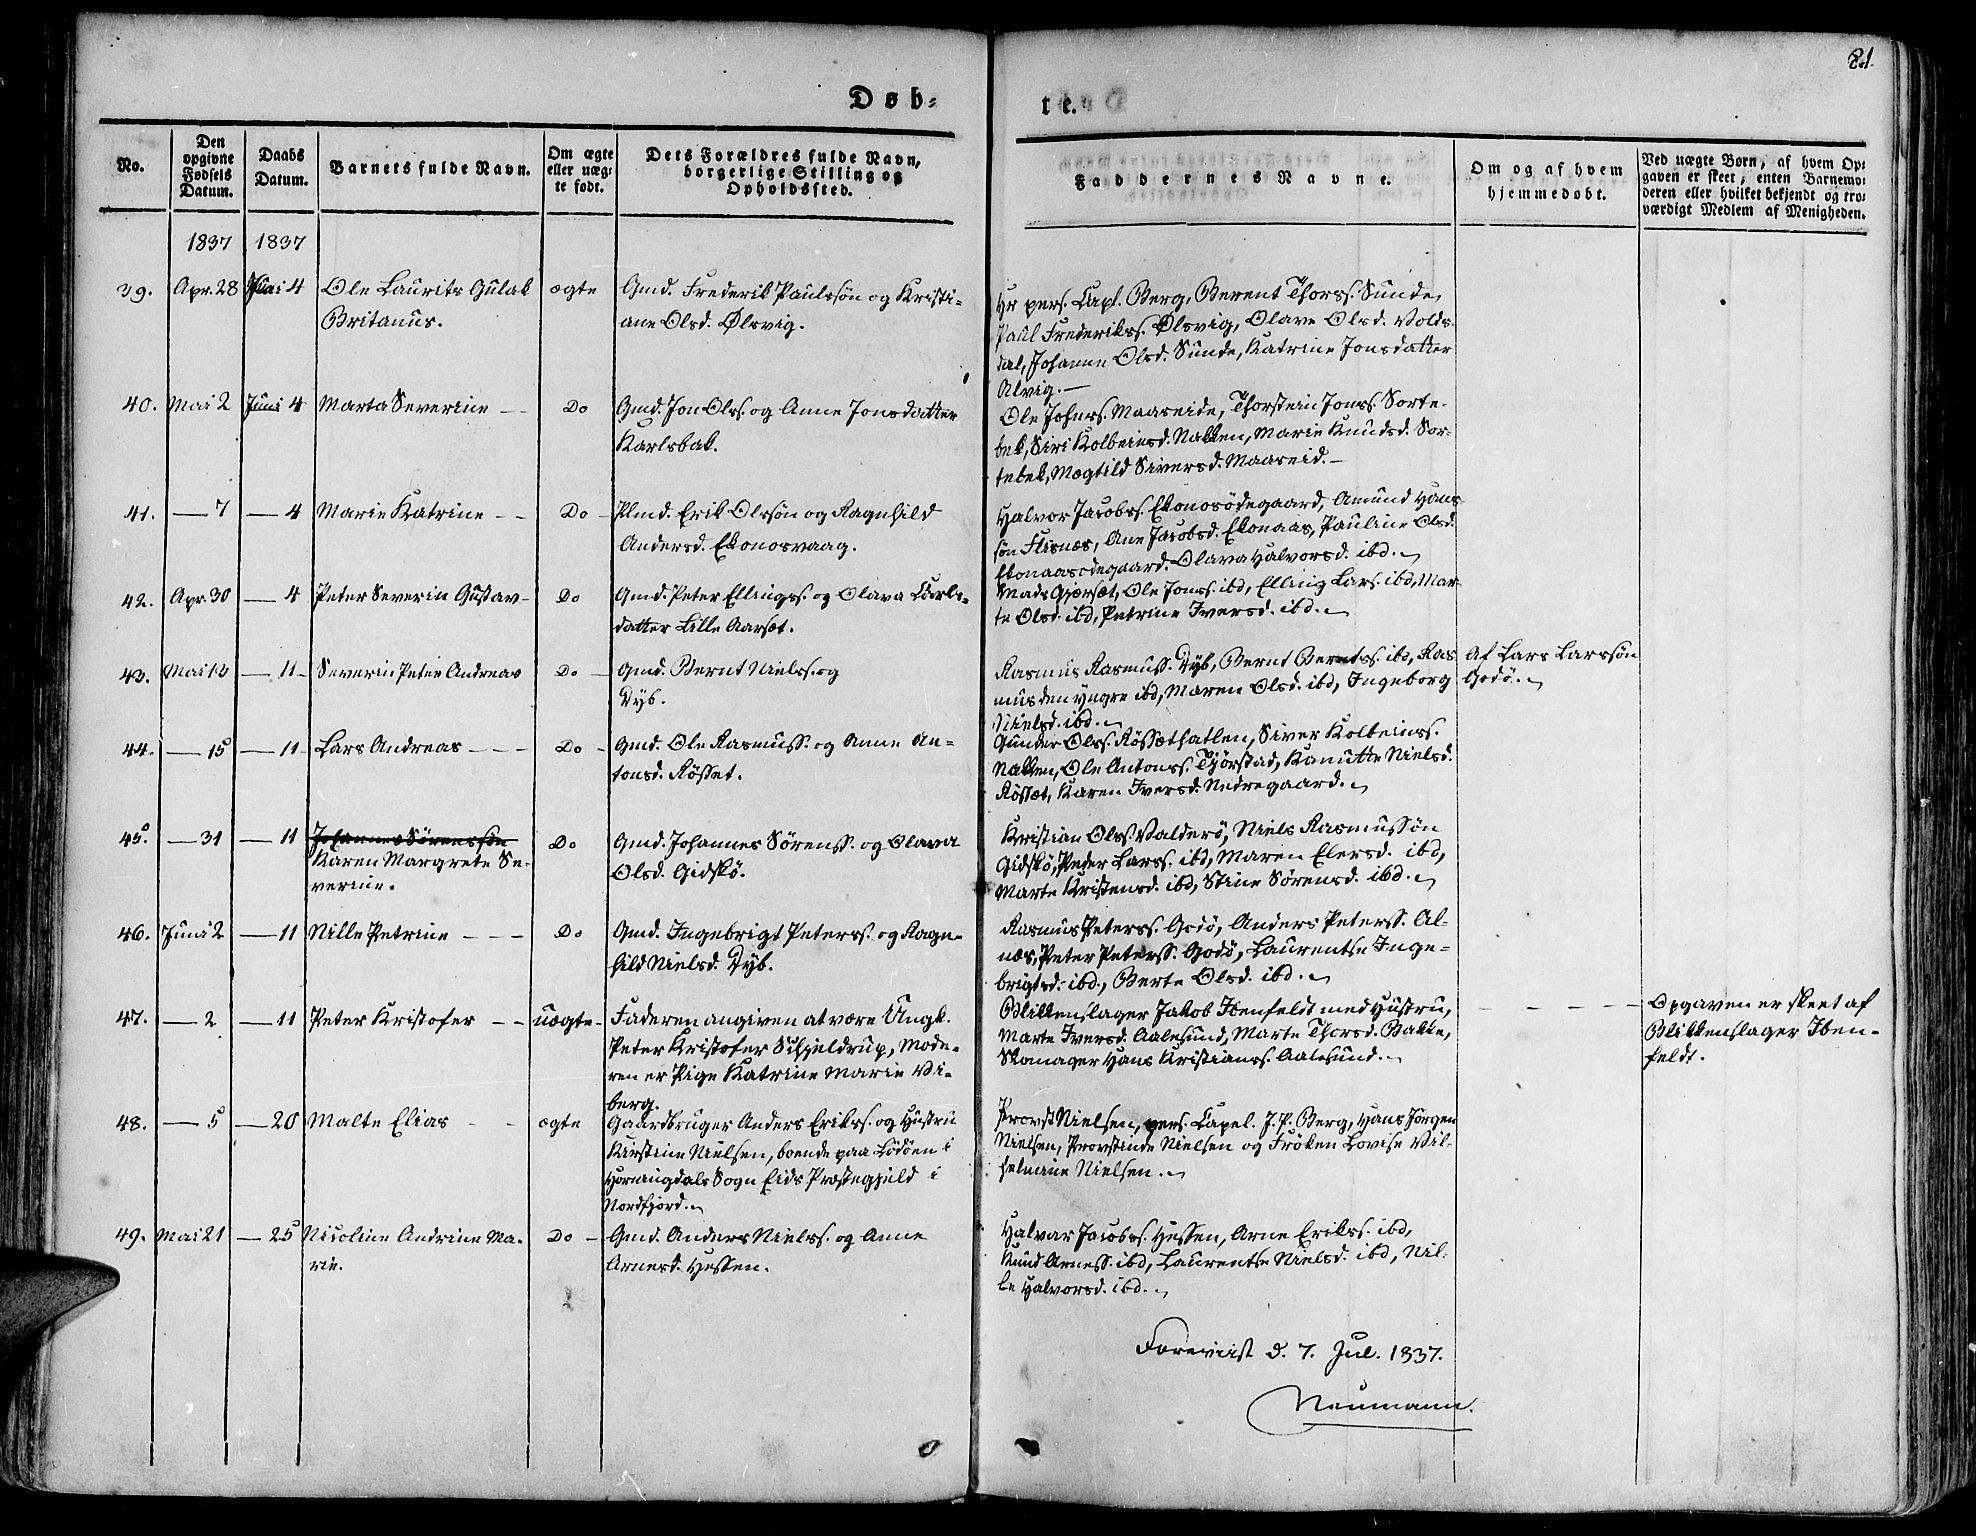 SAT, Ministerialprotokoller, klokkerbøker og fødselsregistre - Møre og Romsdal, 528/L0395: Ministerialbok nr. 528A06, 1828-1839, s. 81